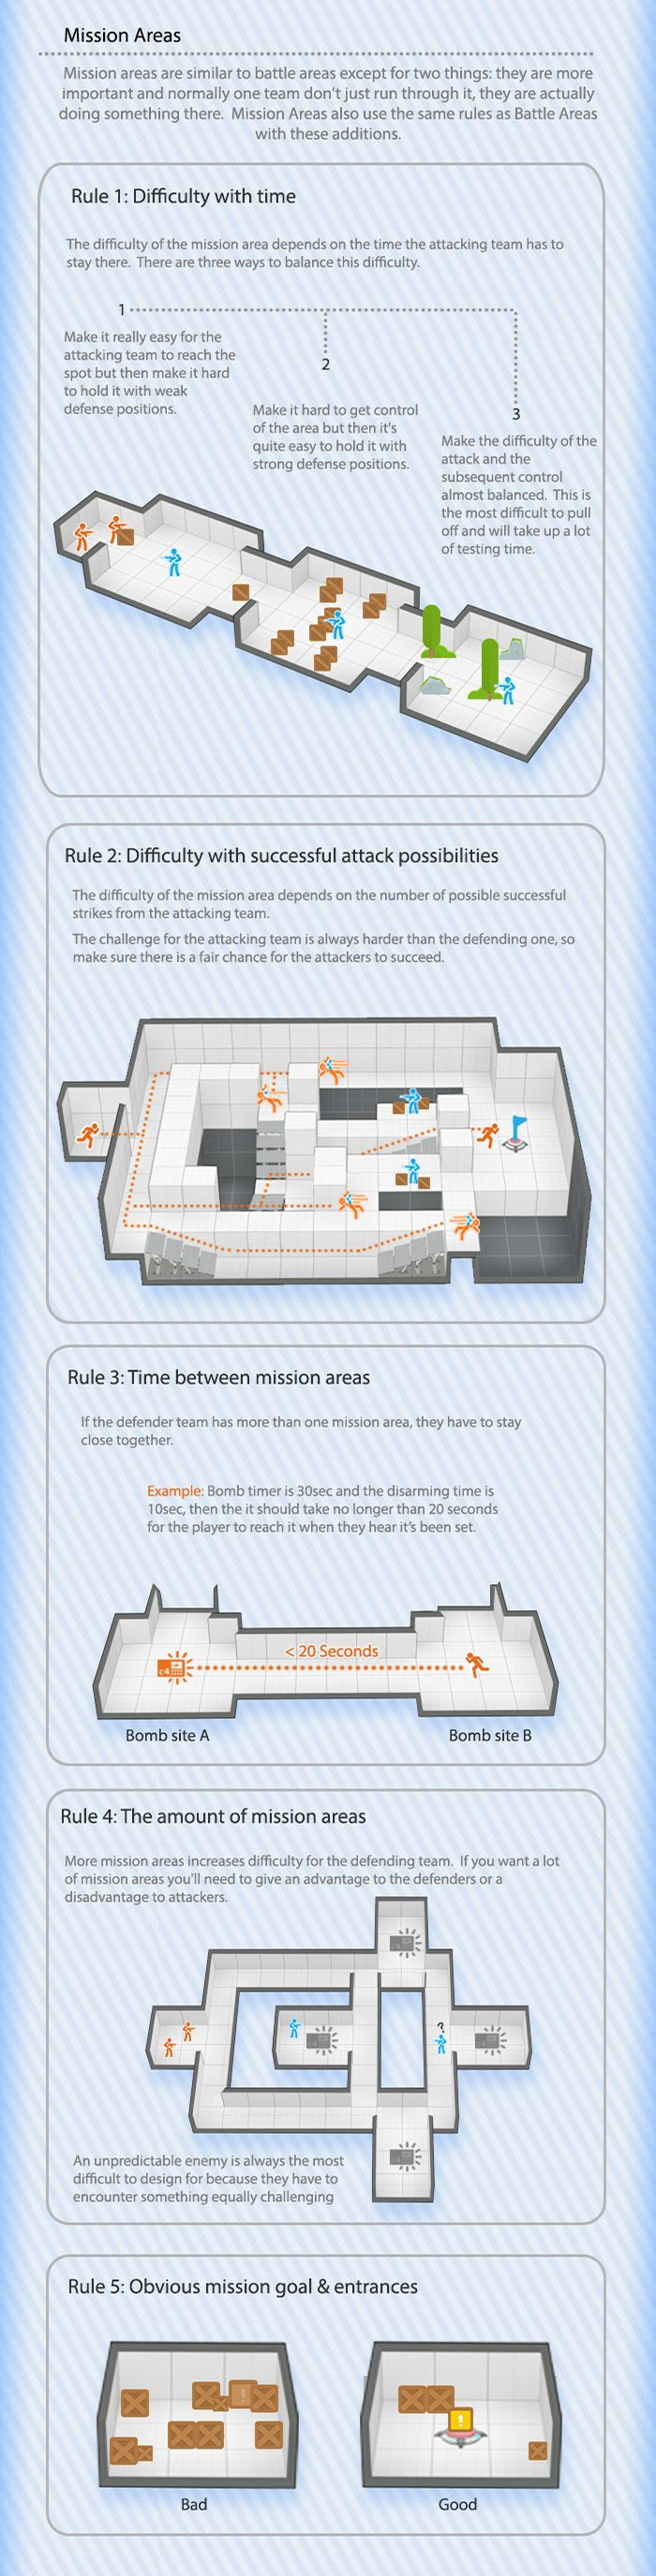 The Visual Guide for Multiplayer Level Design, Bobby Ross. Chapter 3: Tactics B. http://bobbyross.com/blog/2014/6/29/the-visual-guide-for-multiplayer-level-design